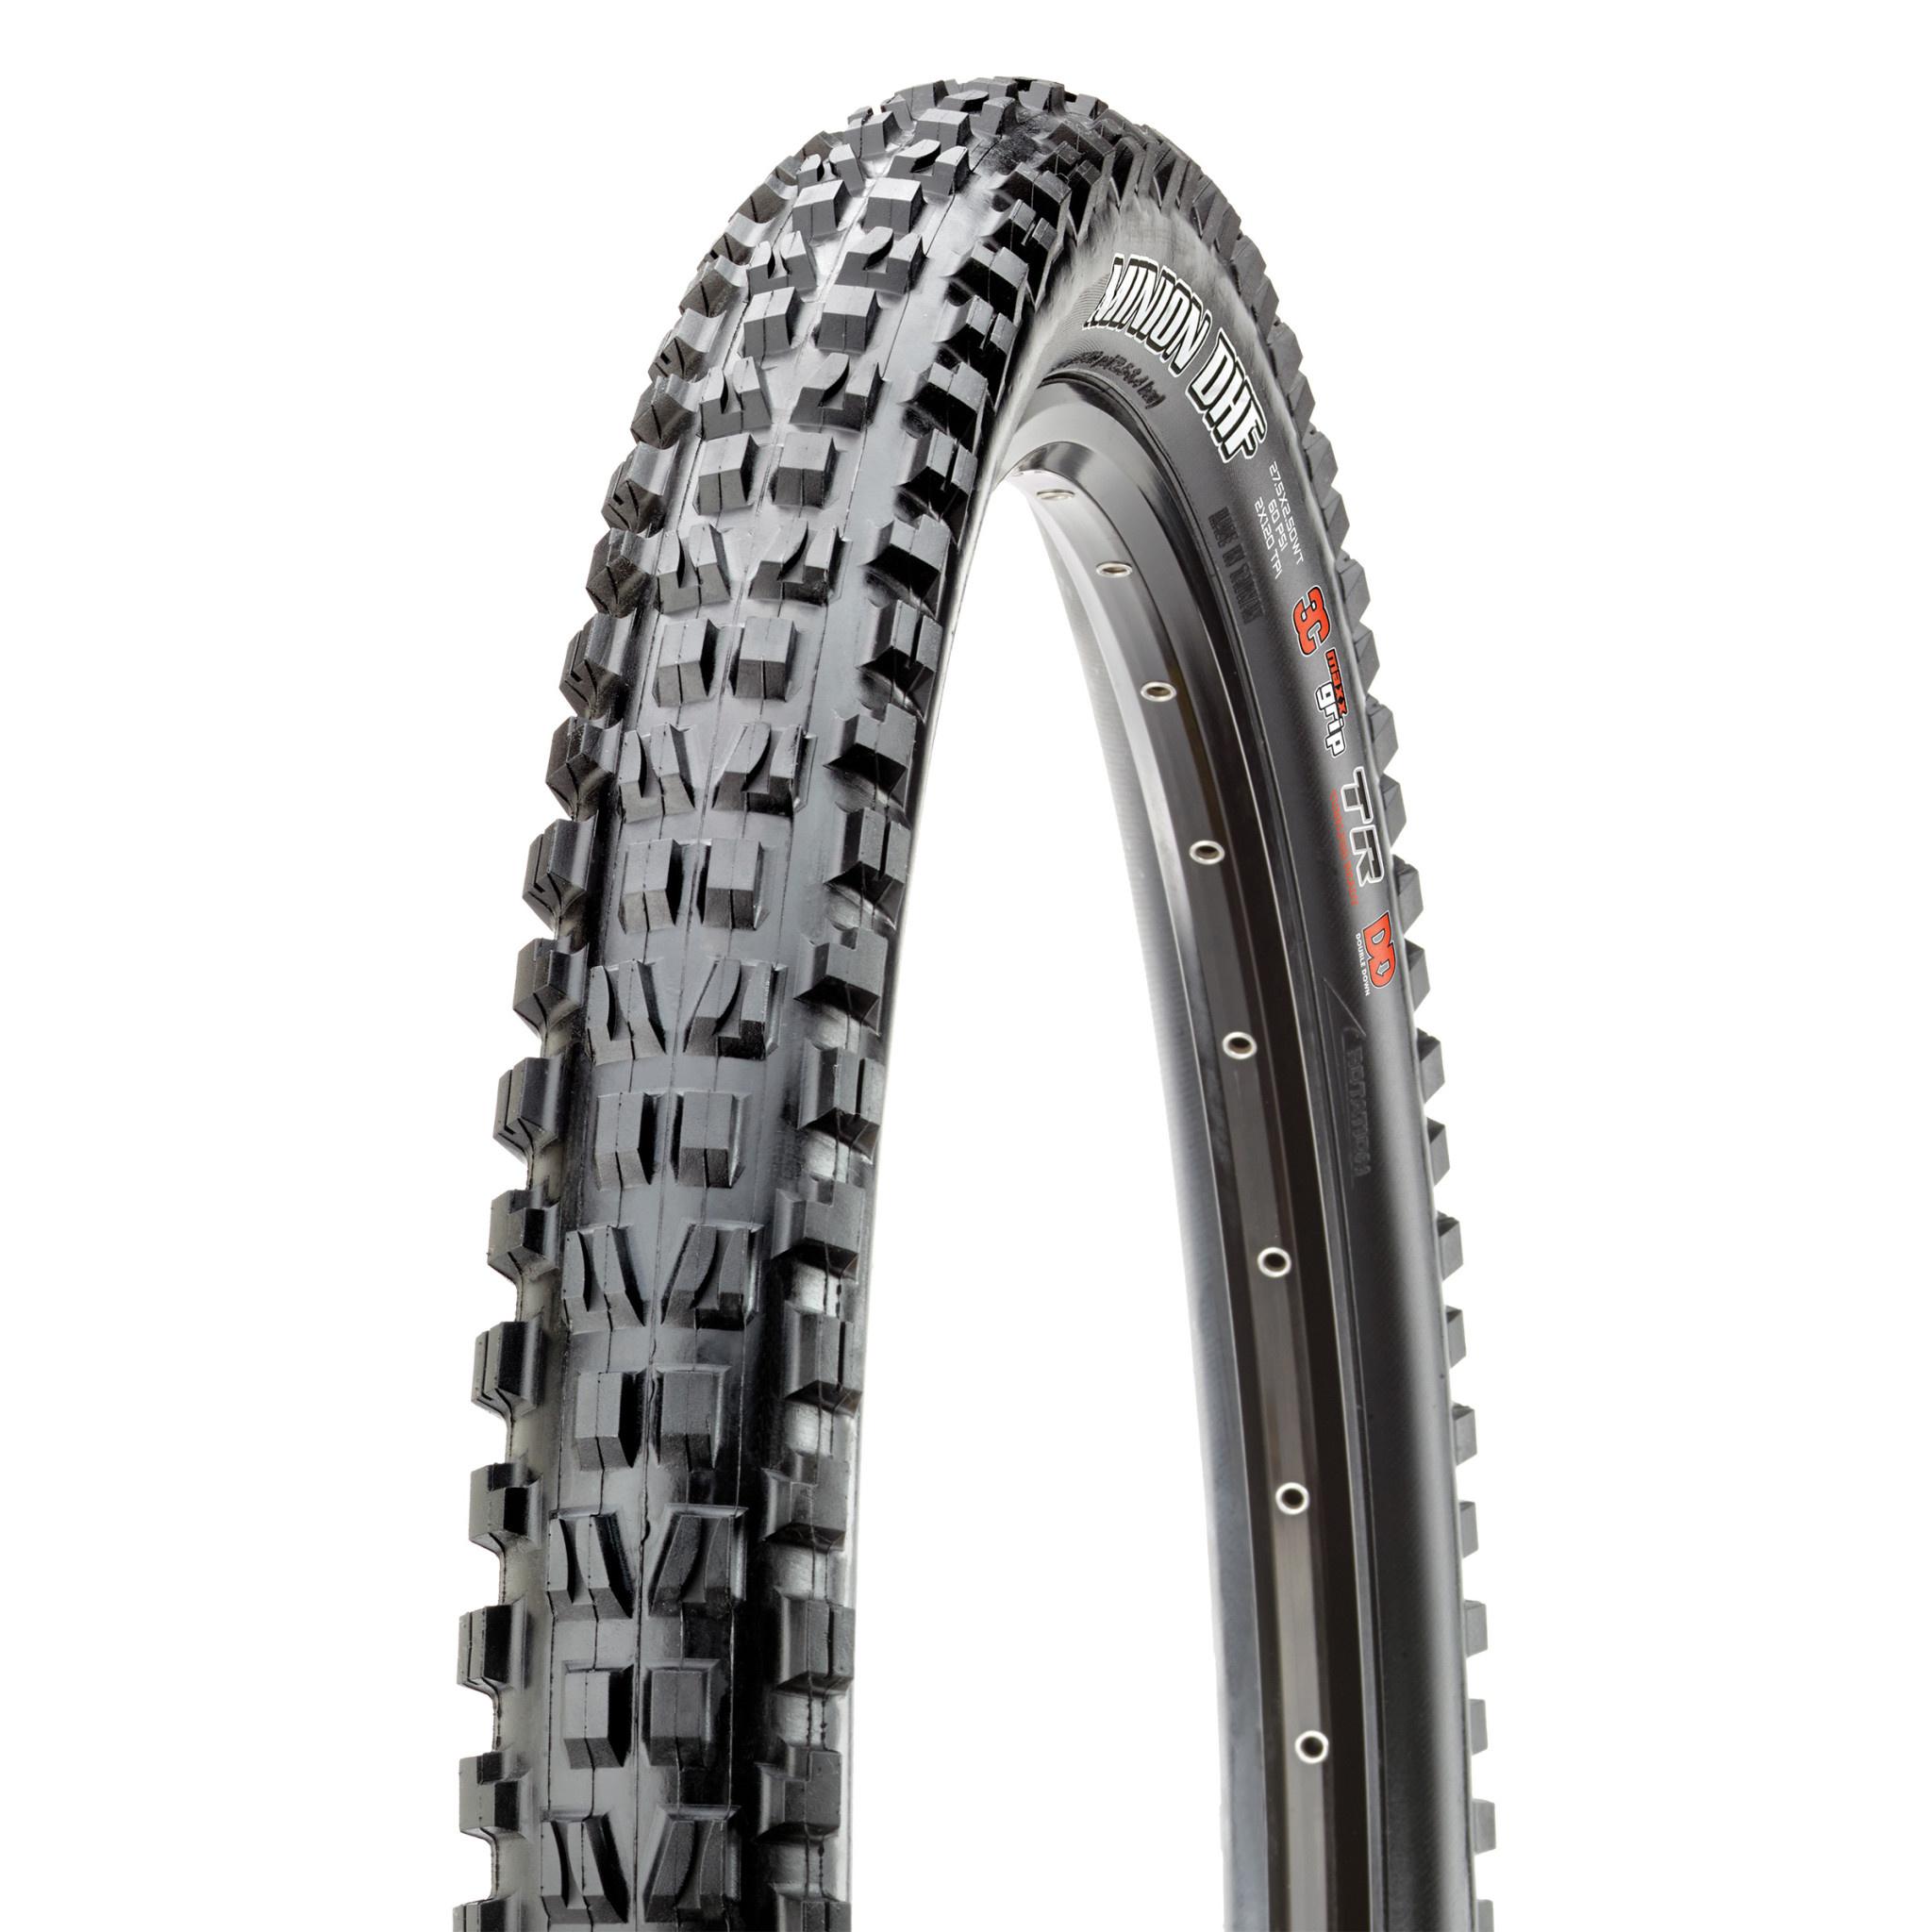 Maxxis Maxxis, Minion DHF, Tire, 24''x2.40, Folding, Tubeless Ready, 3C Maxx Terra, EXO, 120TPI, Black